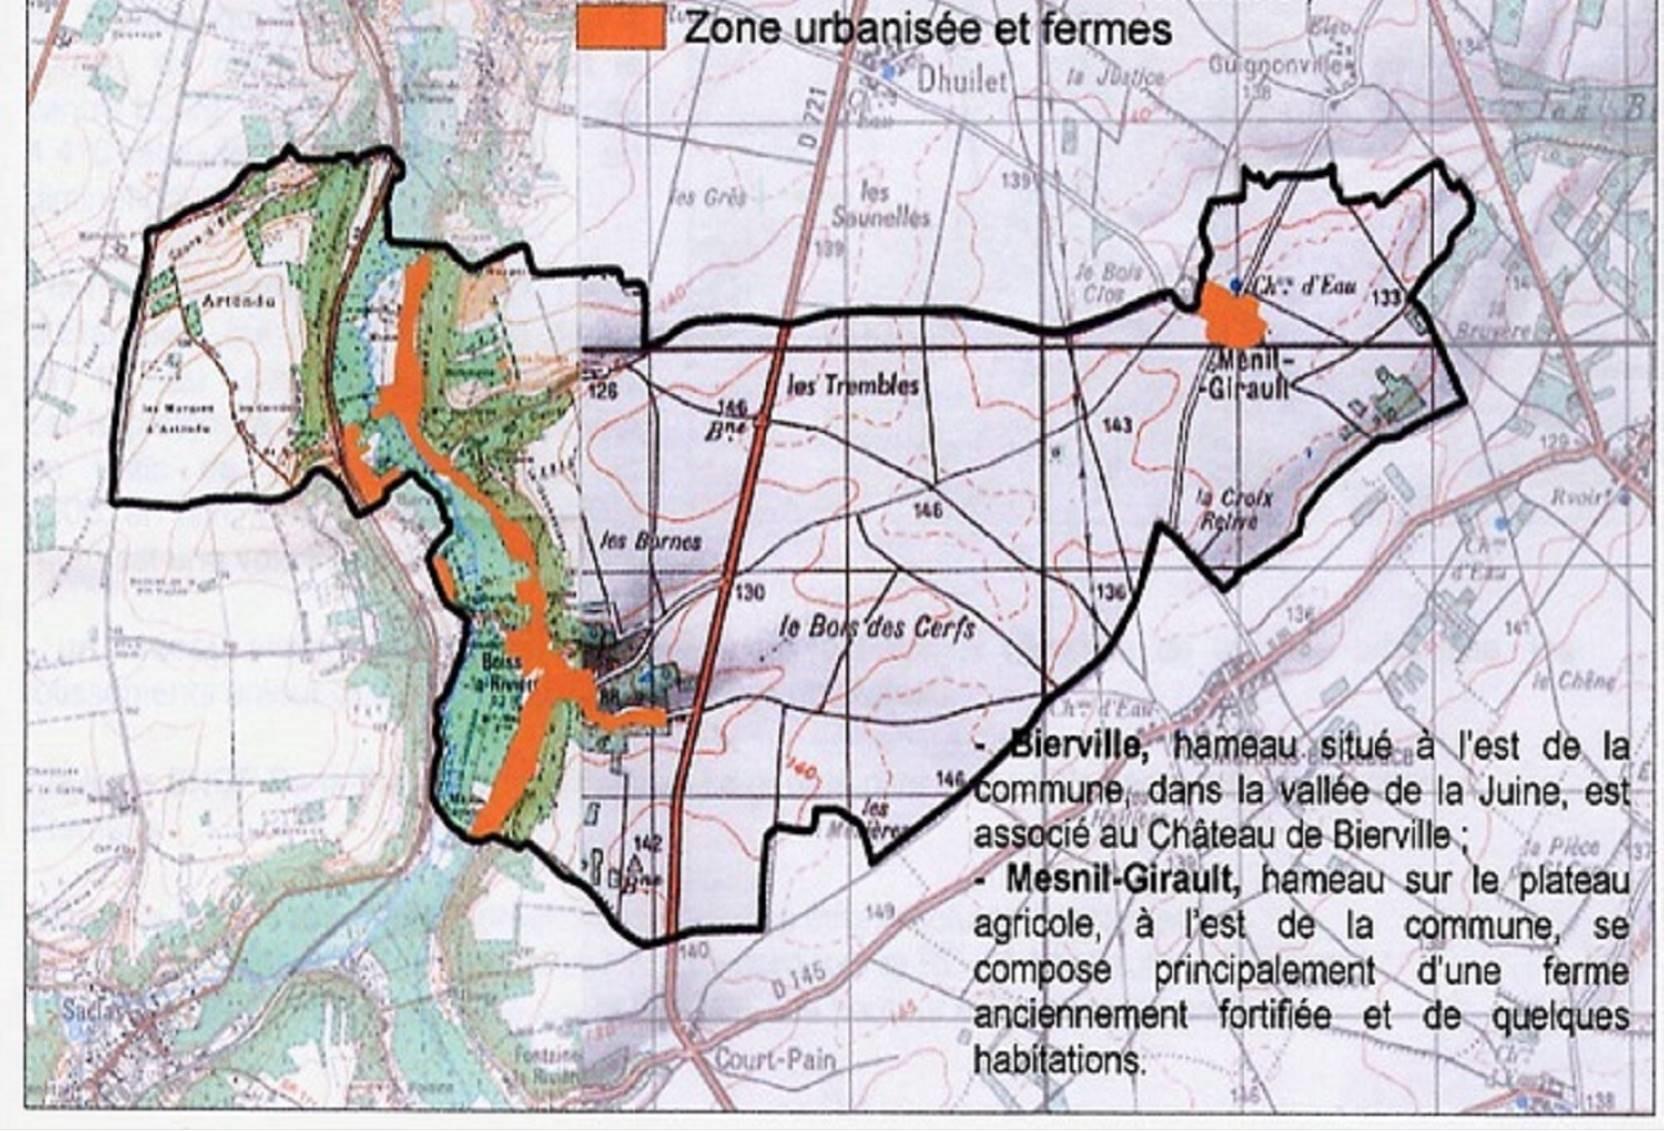 Zone urbanisée et fermes.jpg